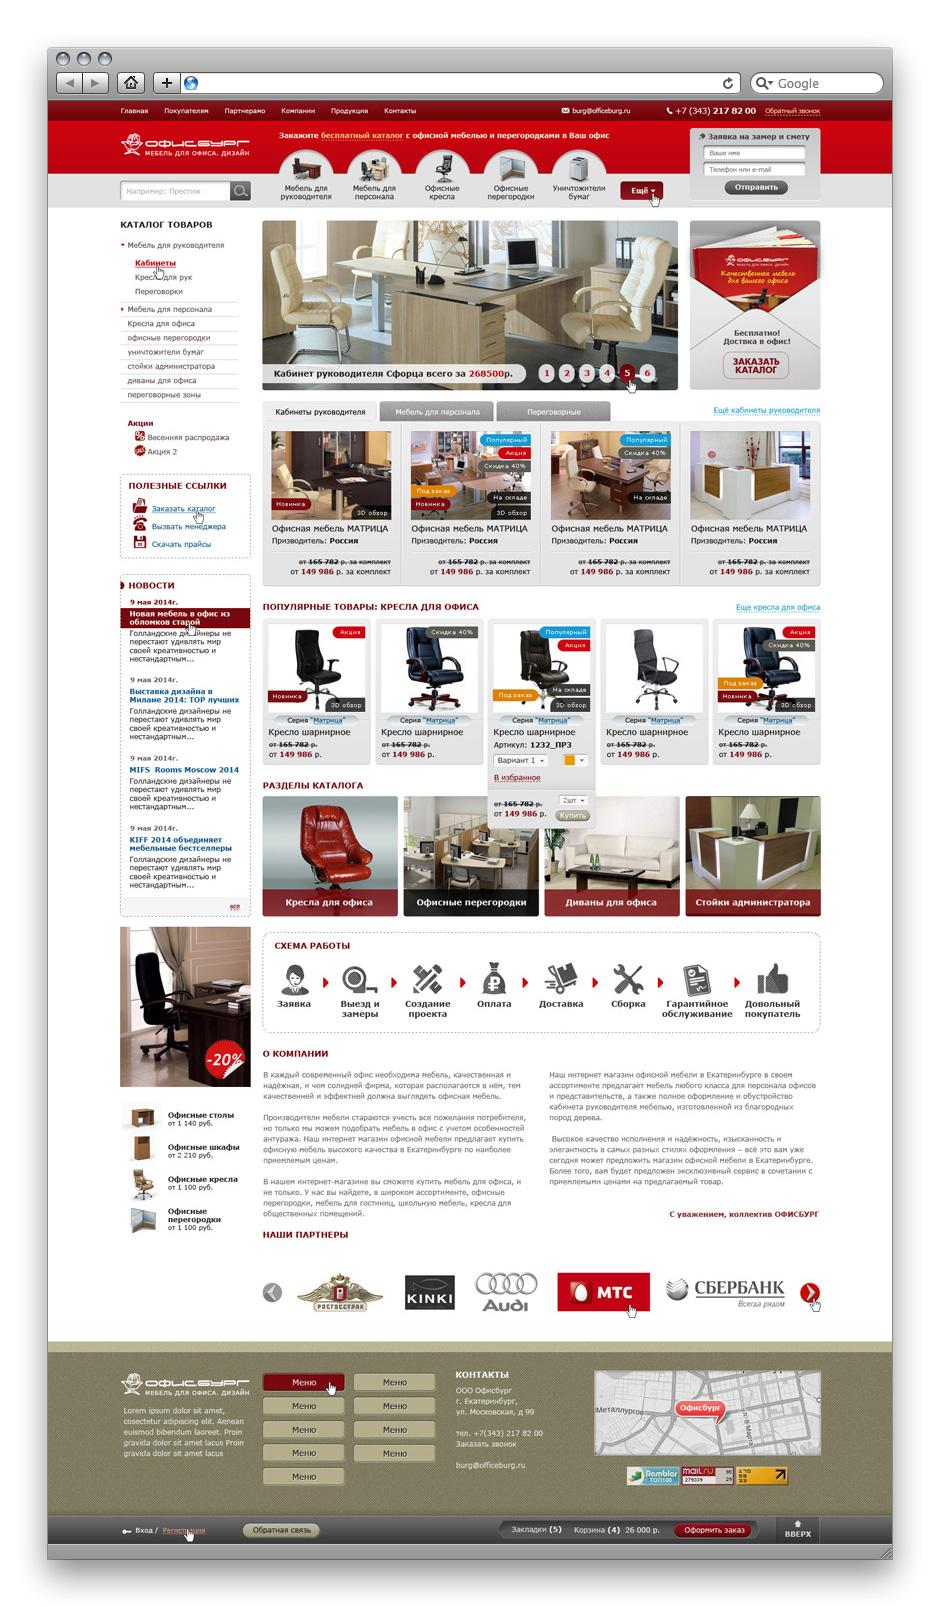 Офисбург сайт мебели